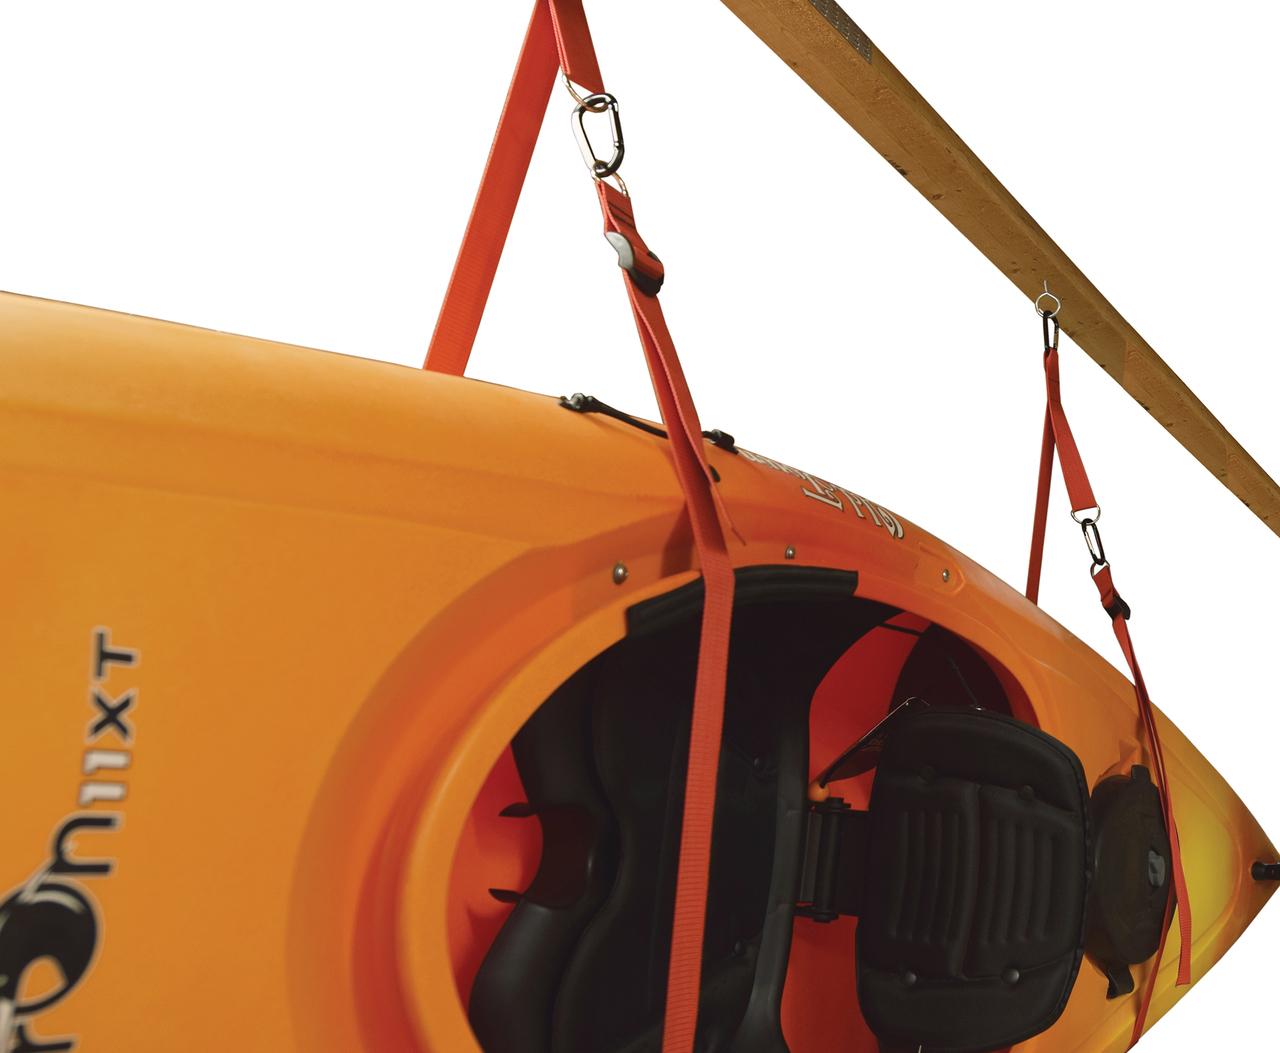 Hanging Kayak Storage Strap Fits 3 Kayaks